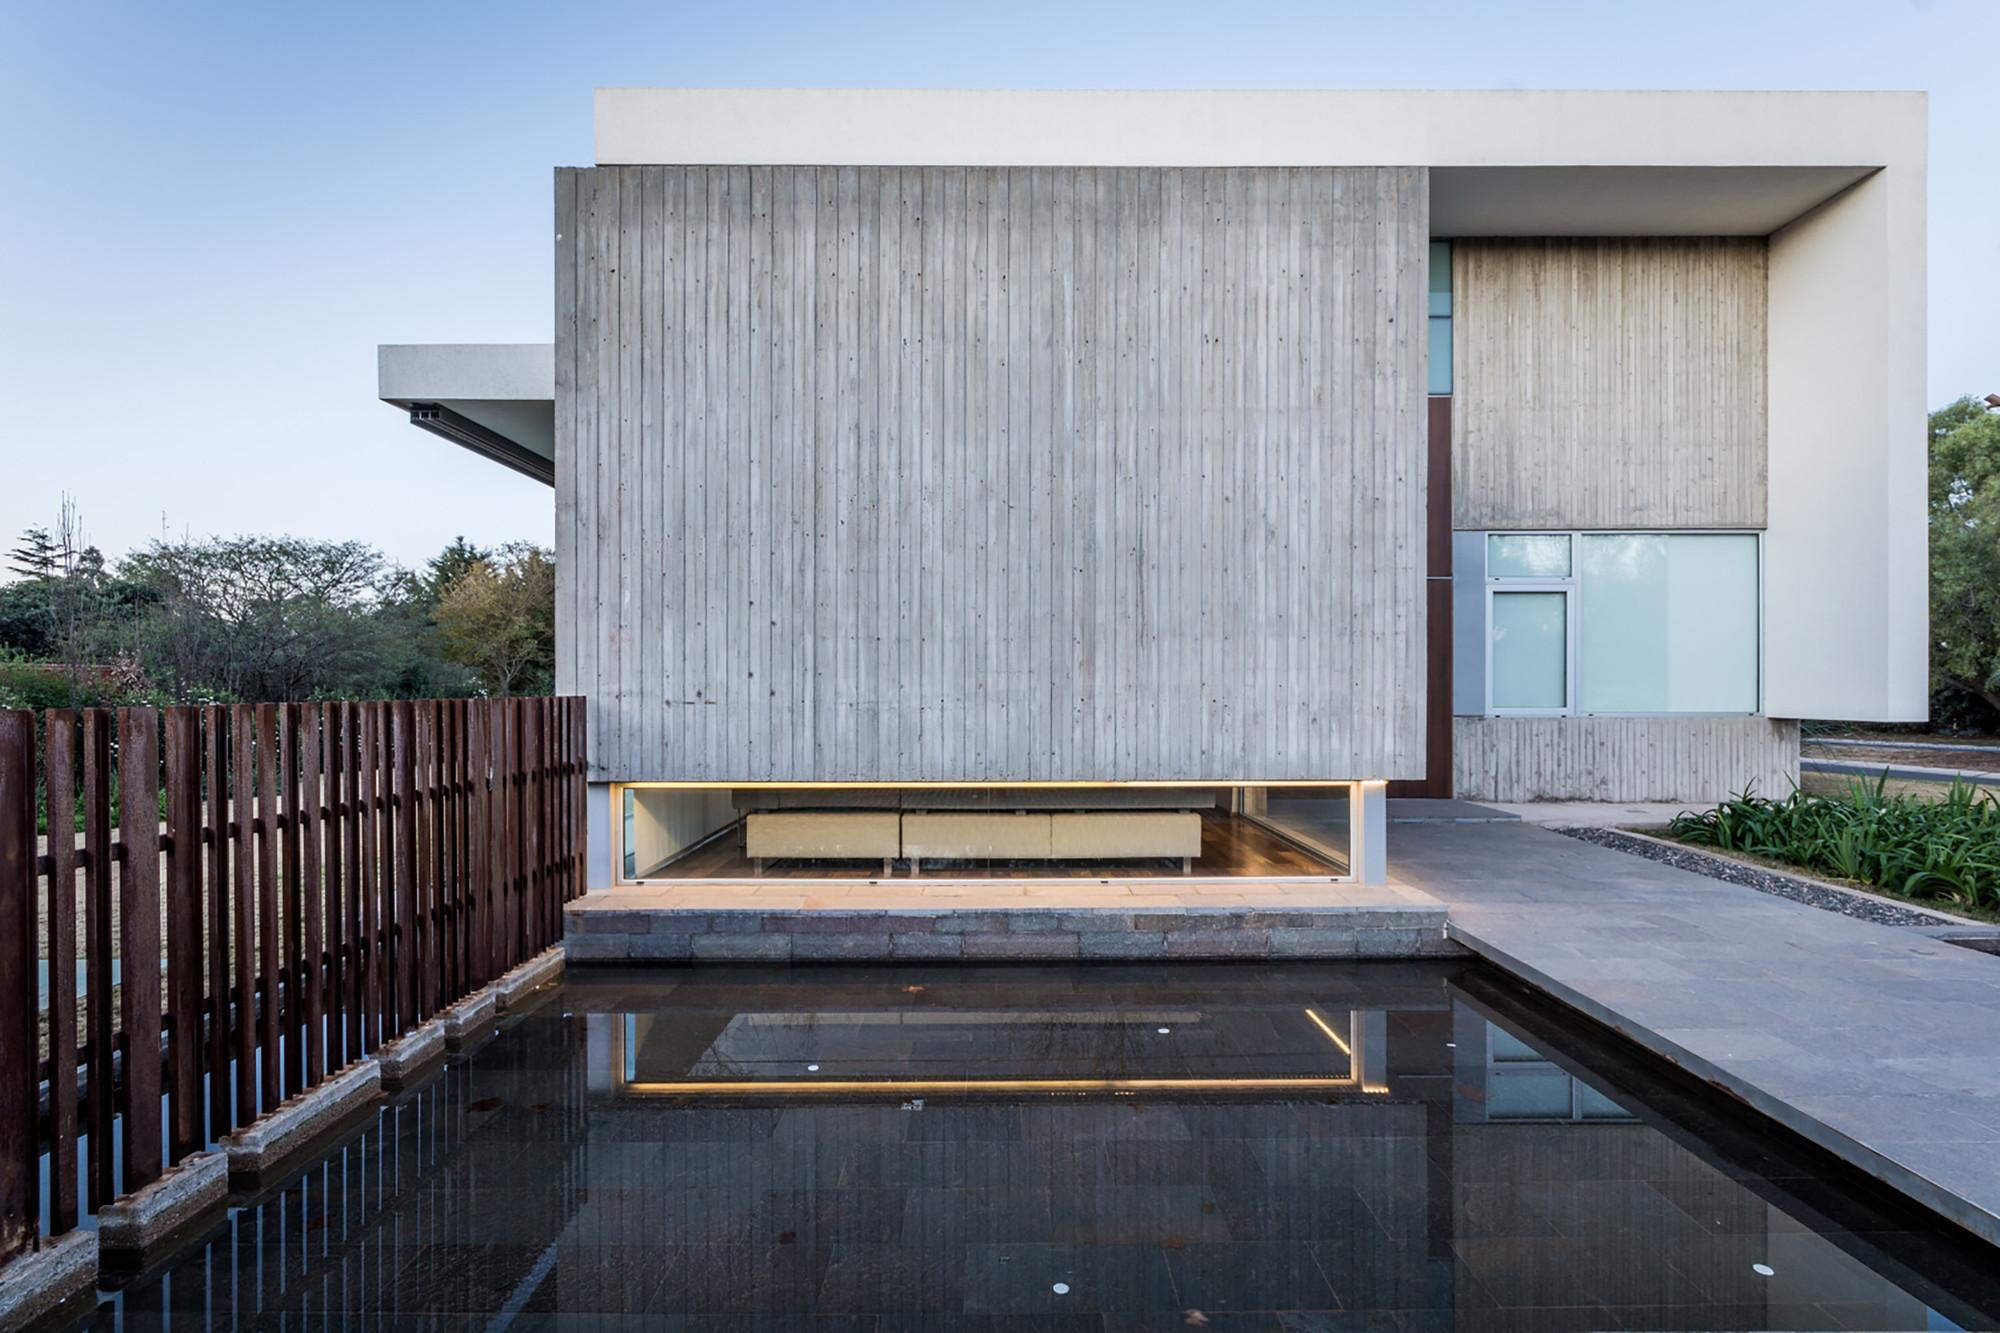 Las Delicias House / FWAP Arquitectos, © Gonzalo Viramonte